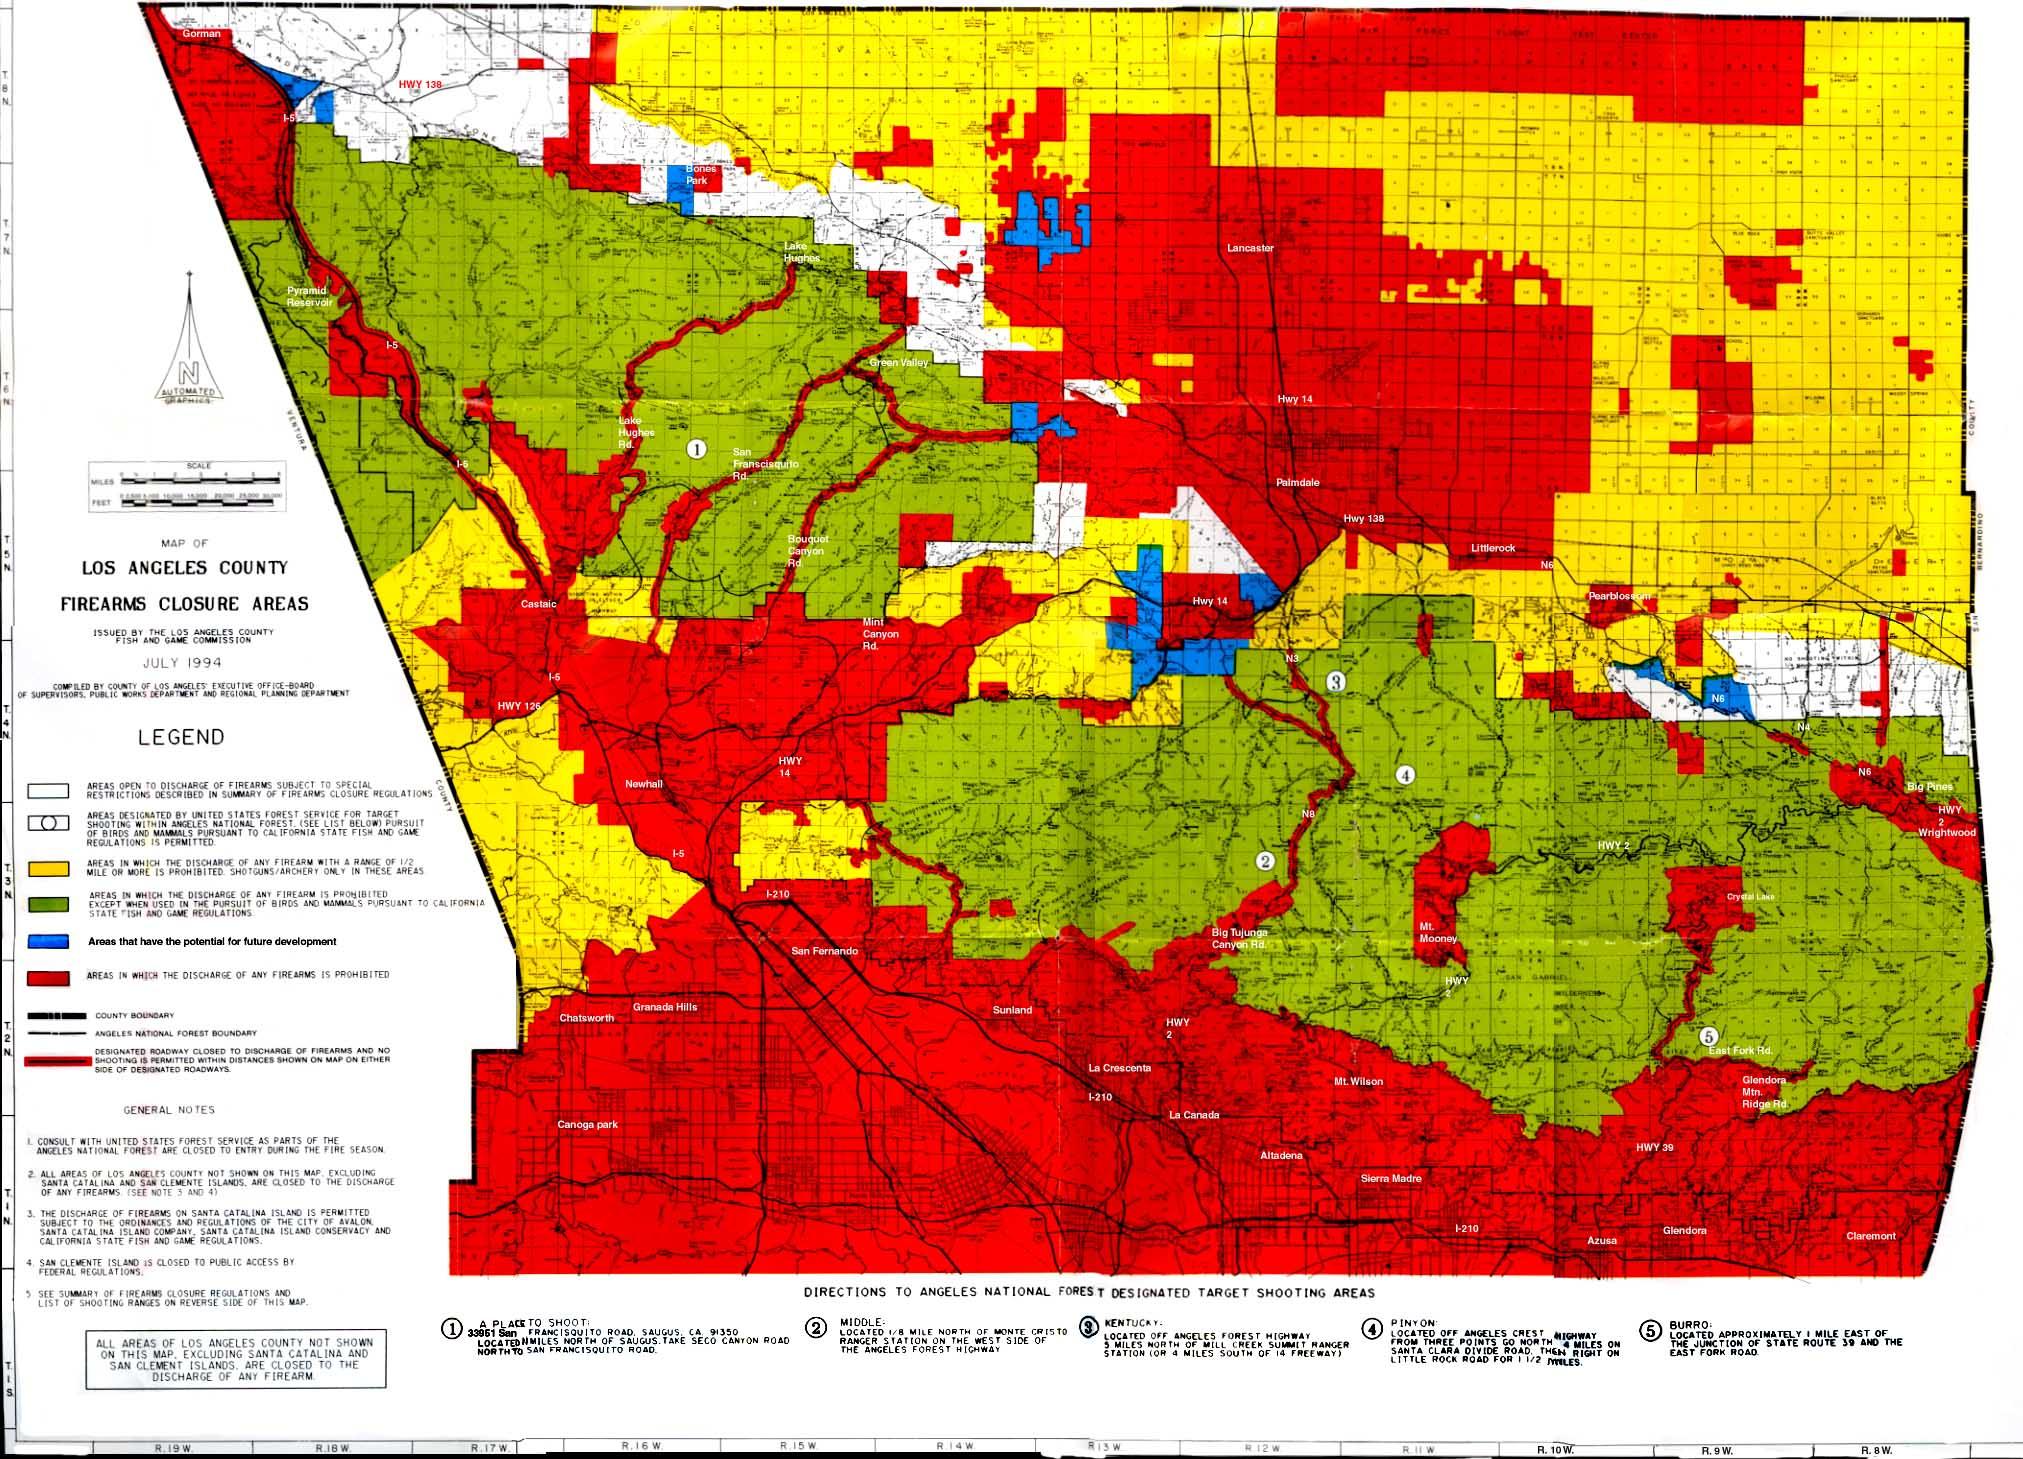 Blm Maps California California River Map Blm Map California Maps - Blm Maps Southern California